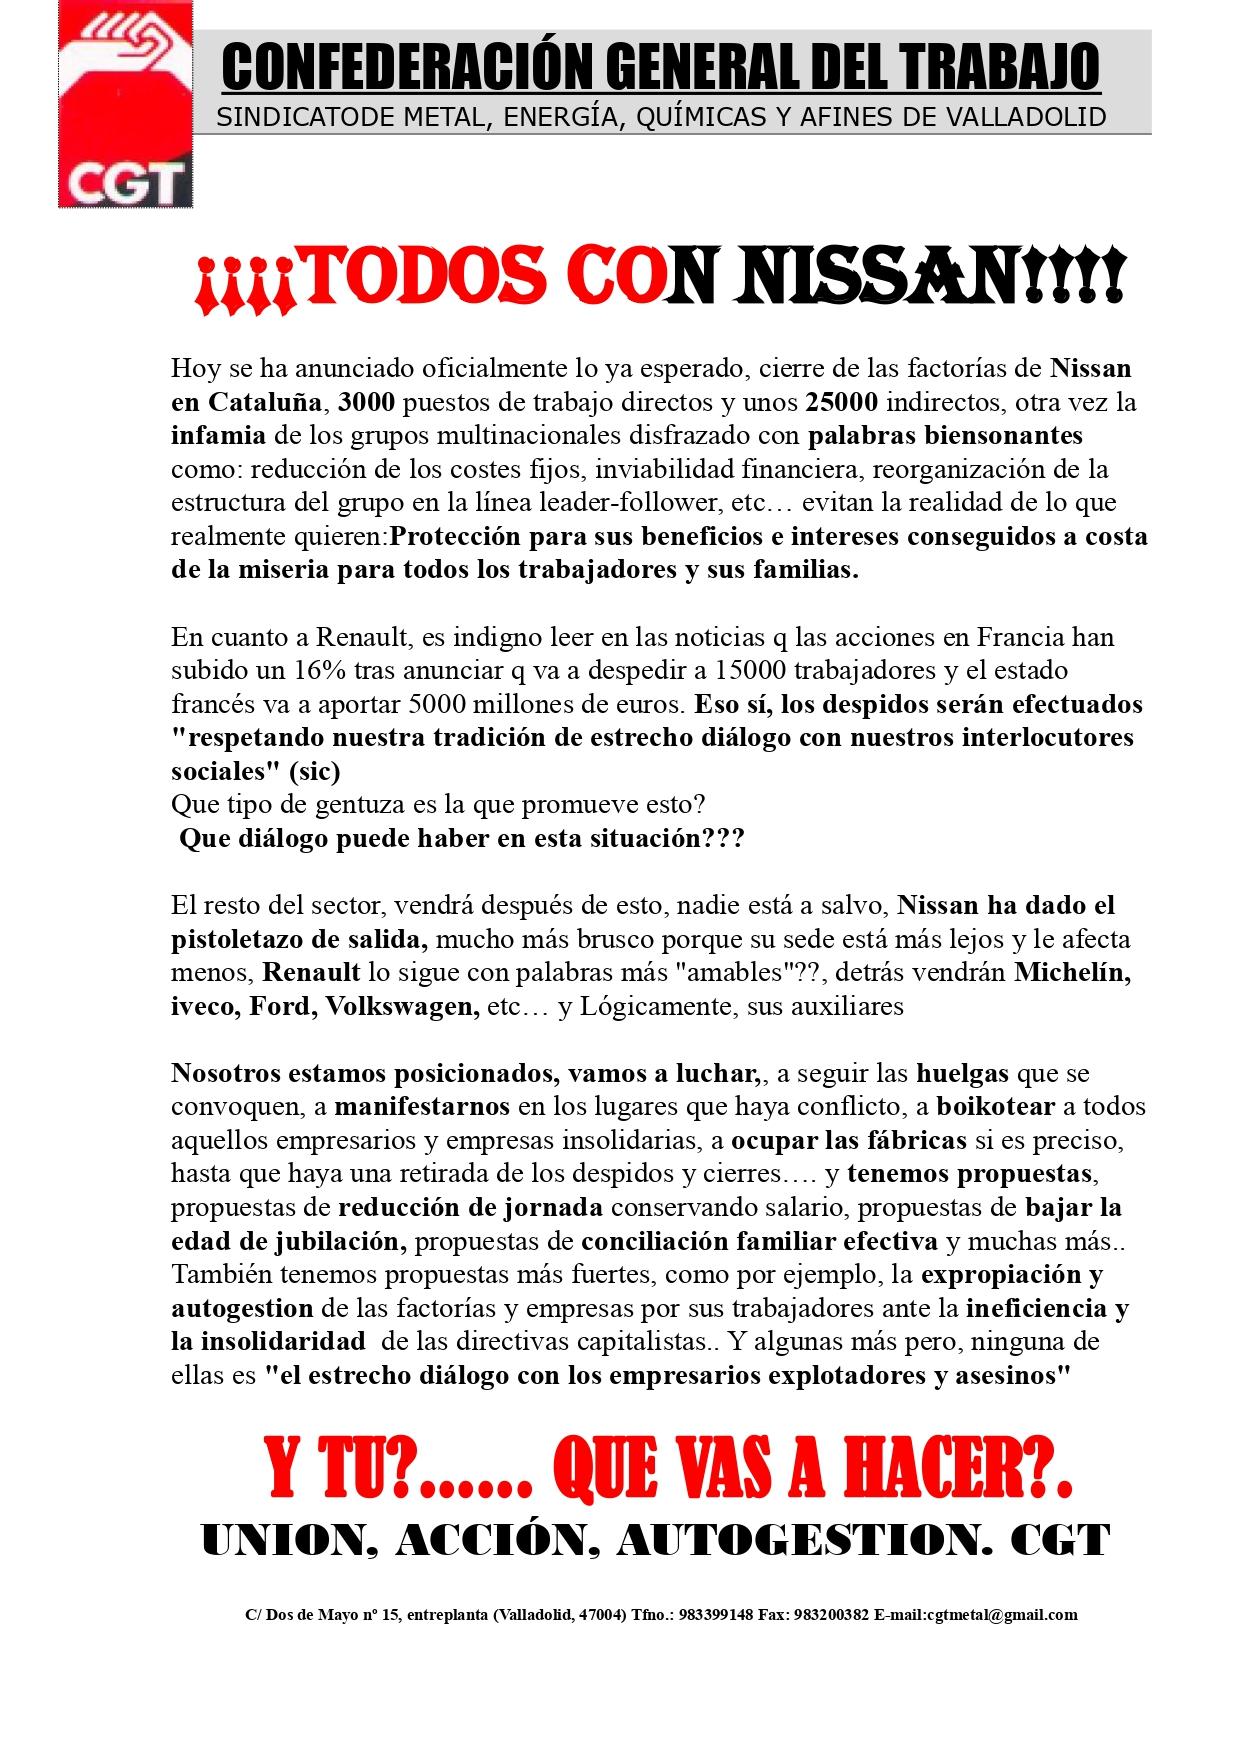 COMUNICADO METAL, NISSAN_page-0001